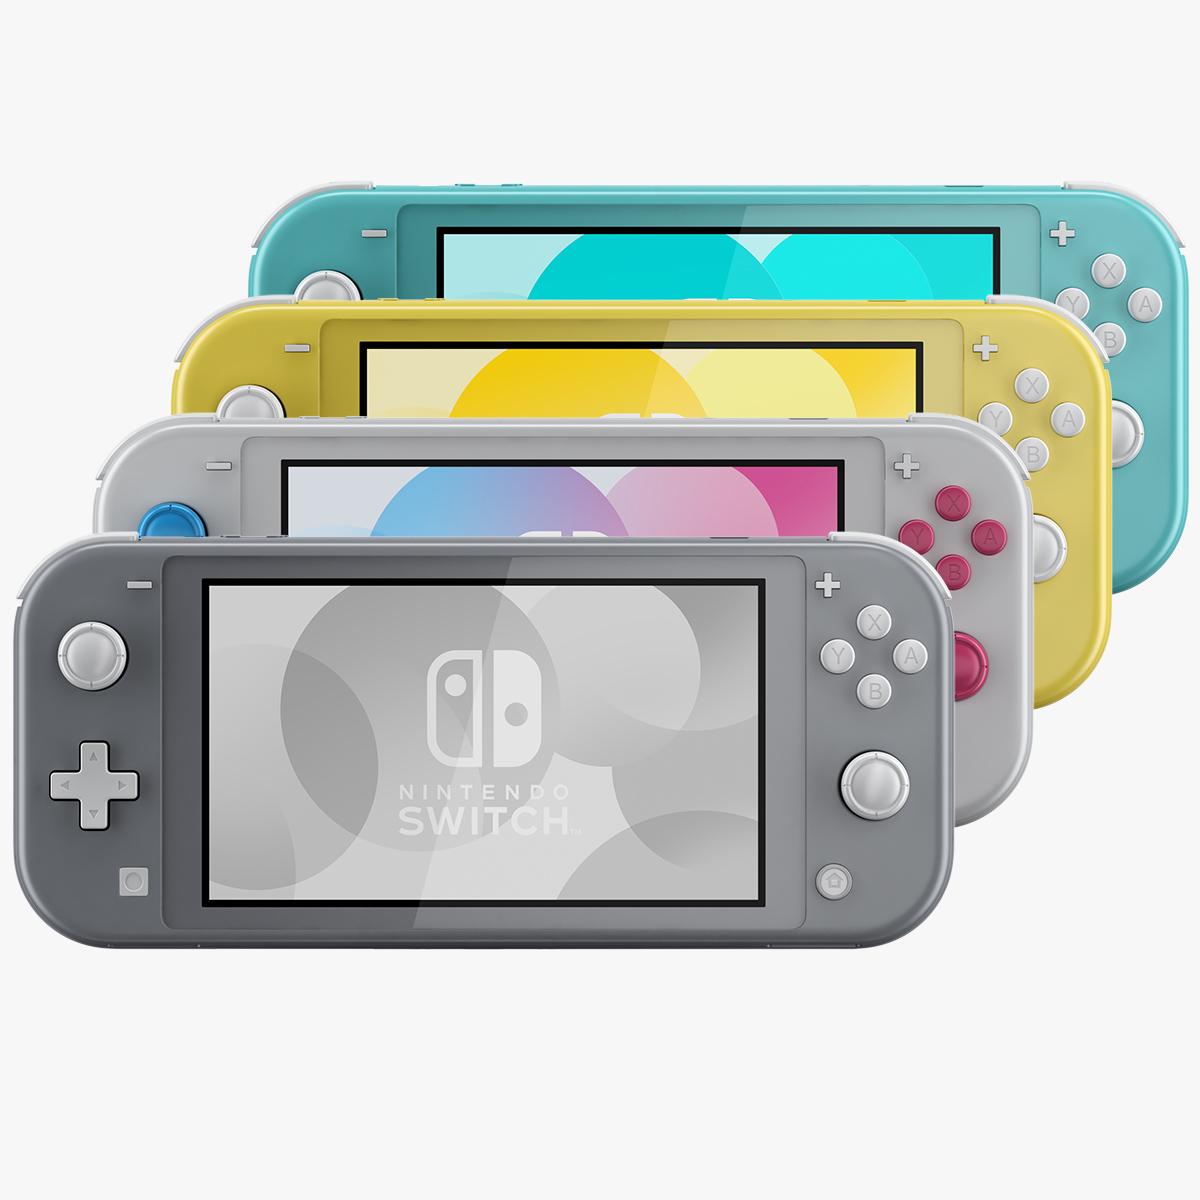 Code promo Jeux-Gratuits.com : Une console de jeux Nintendo Switch Lite à gagner